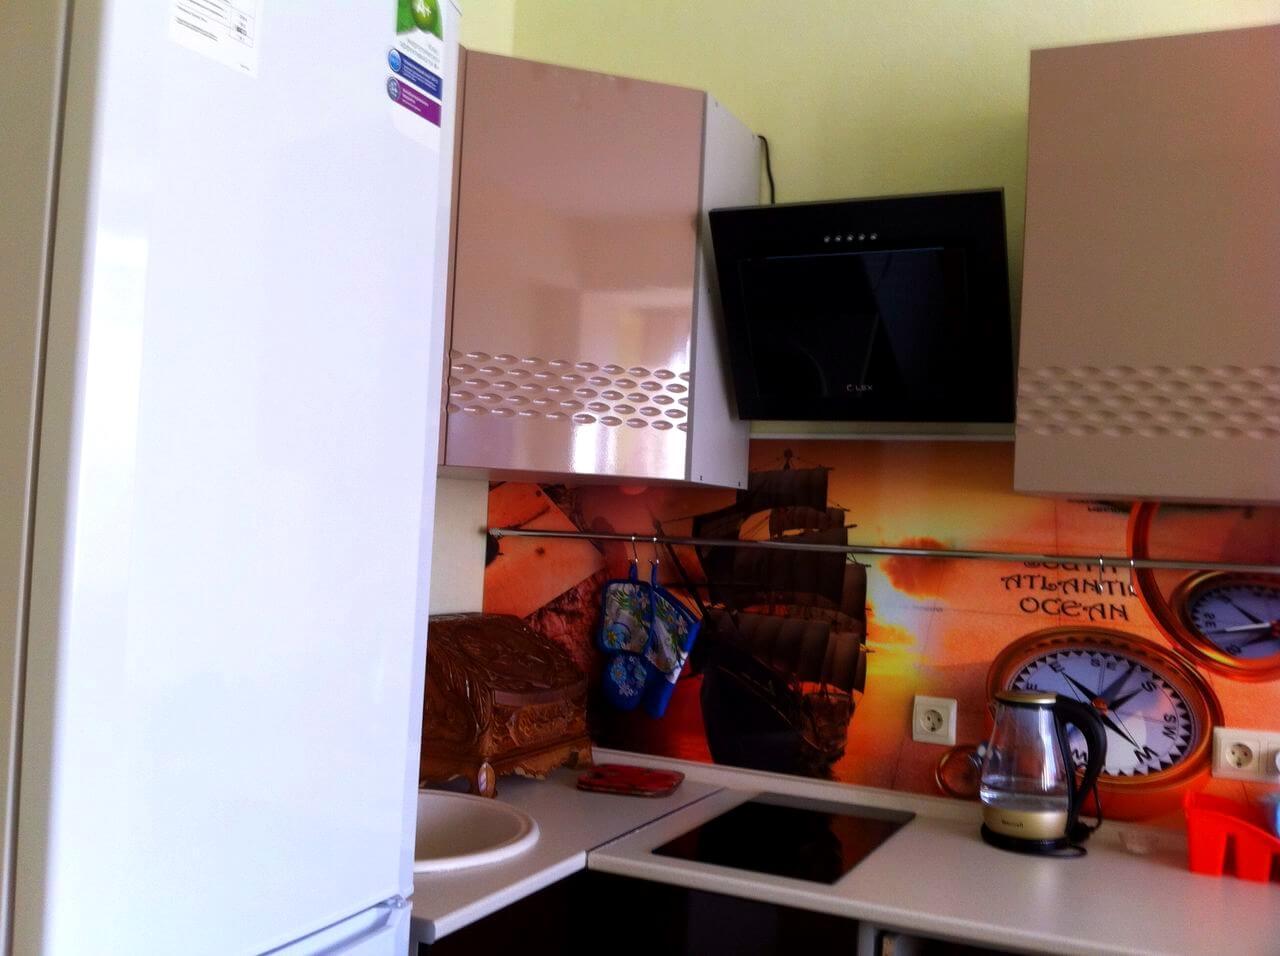 Продажа квартиры-студии по ул. Виноградной 224/11 (20,3 м²)